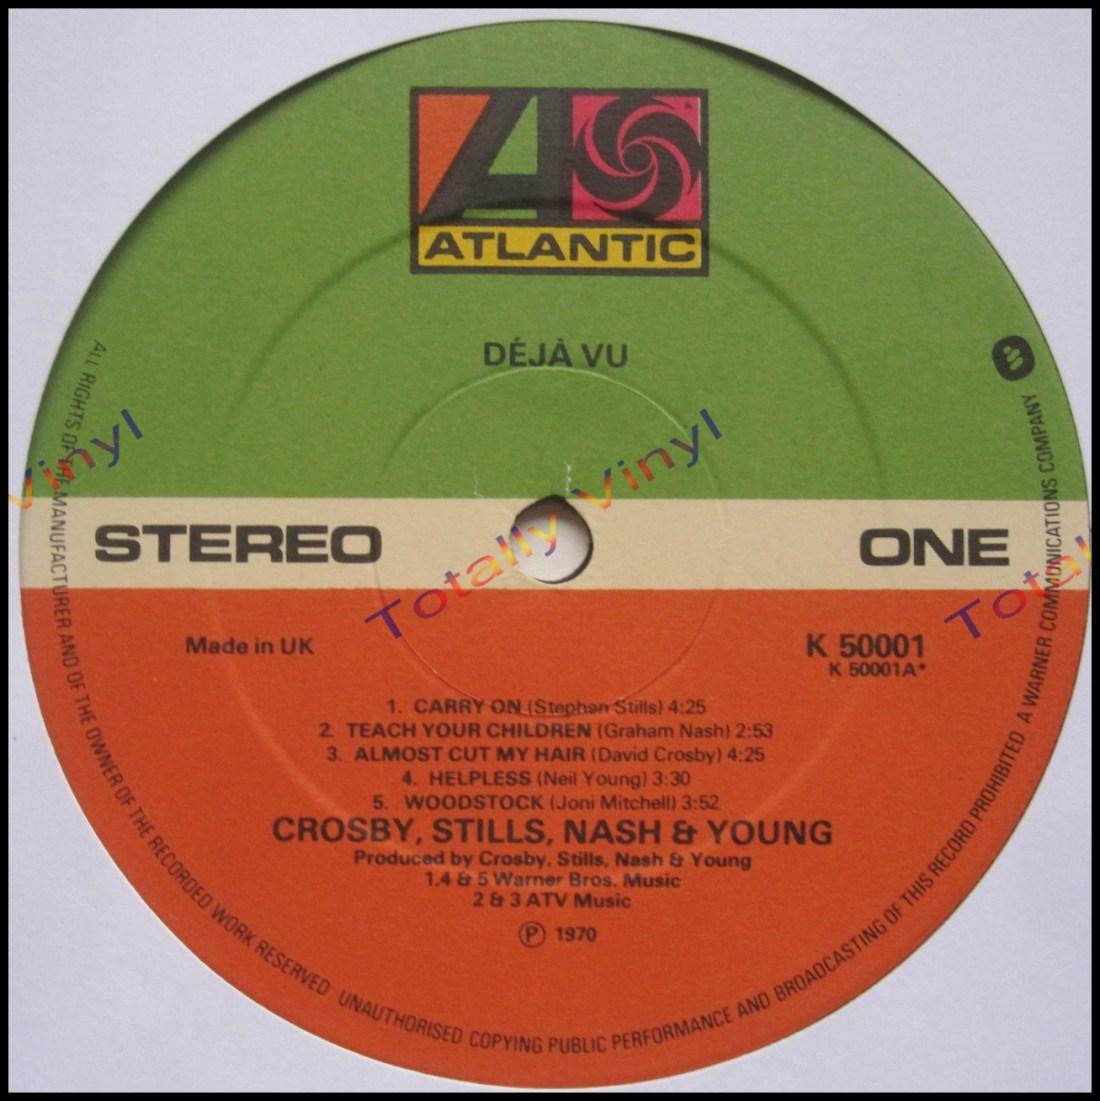 Crosby, Stills, Nash & Young vinyl